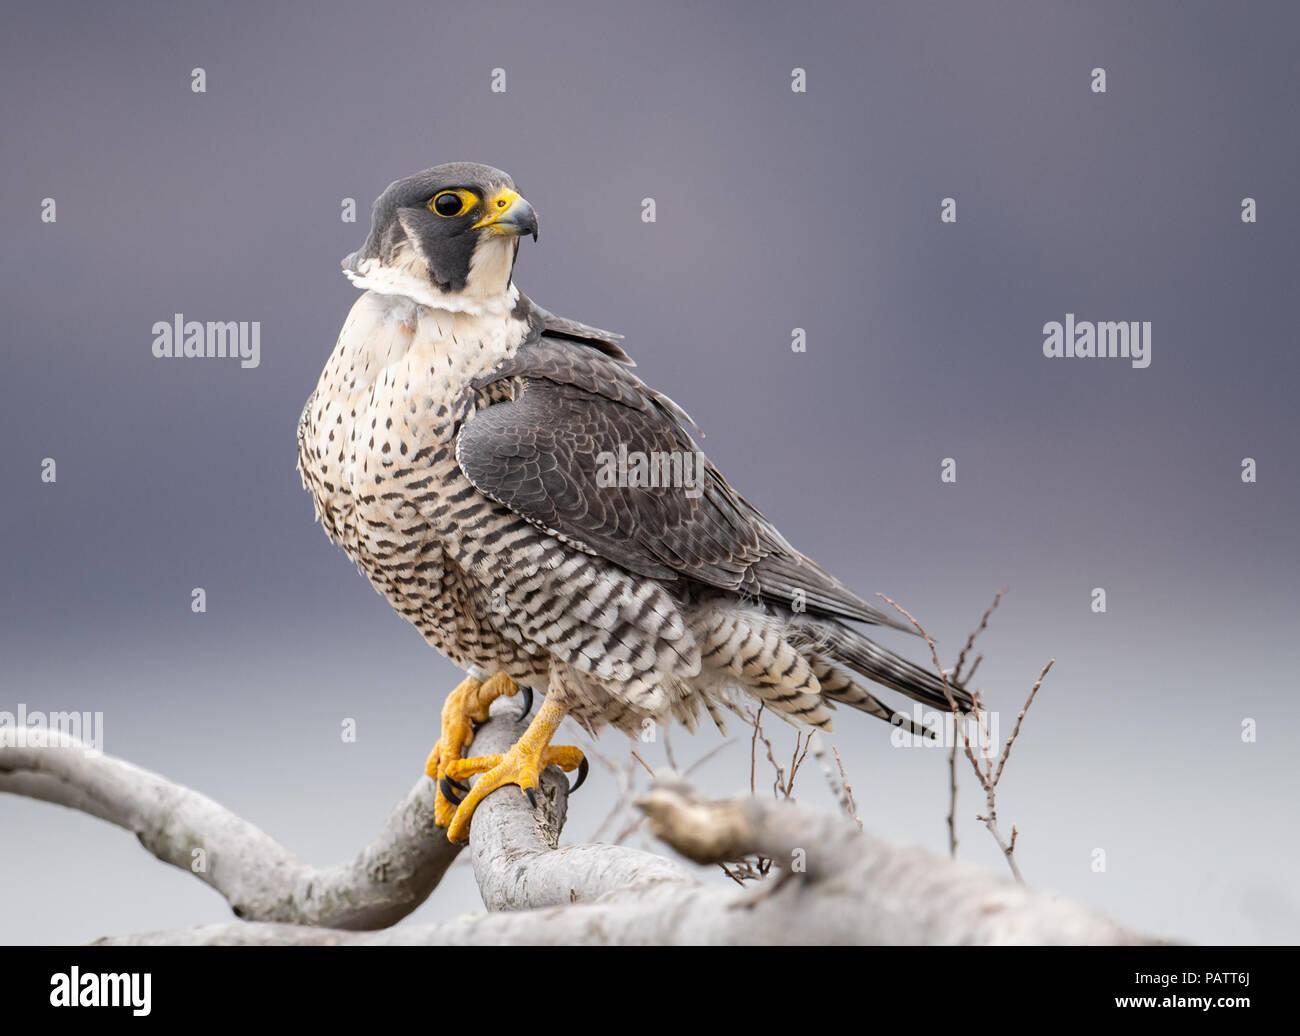 Peregrine Falcon Portrait - Stock Image